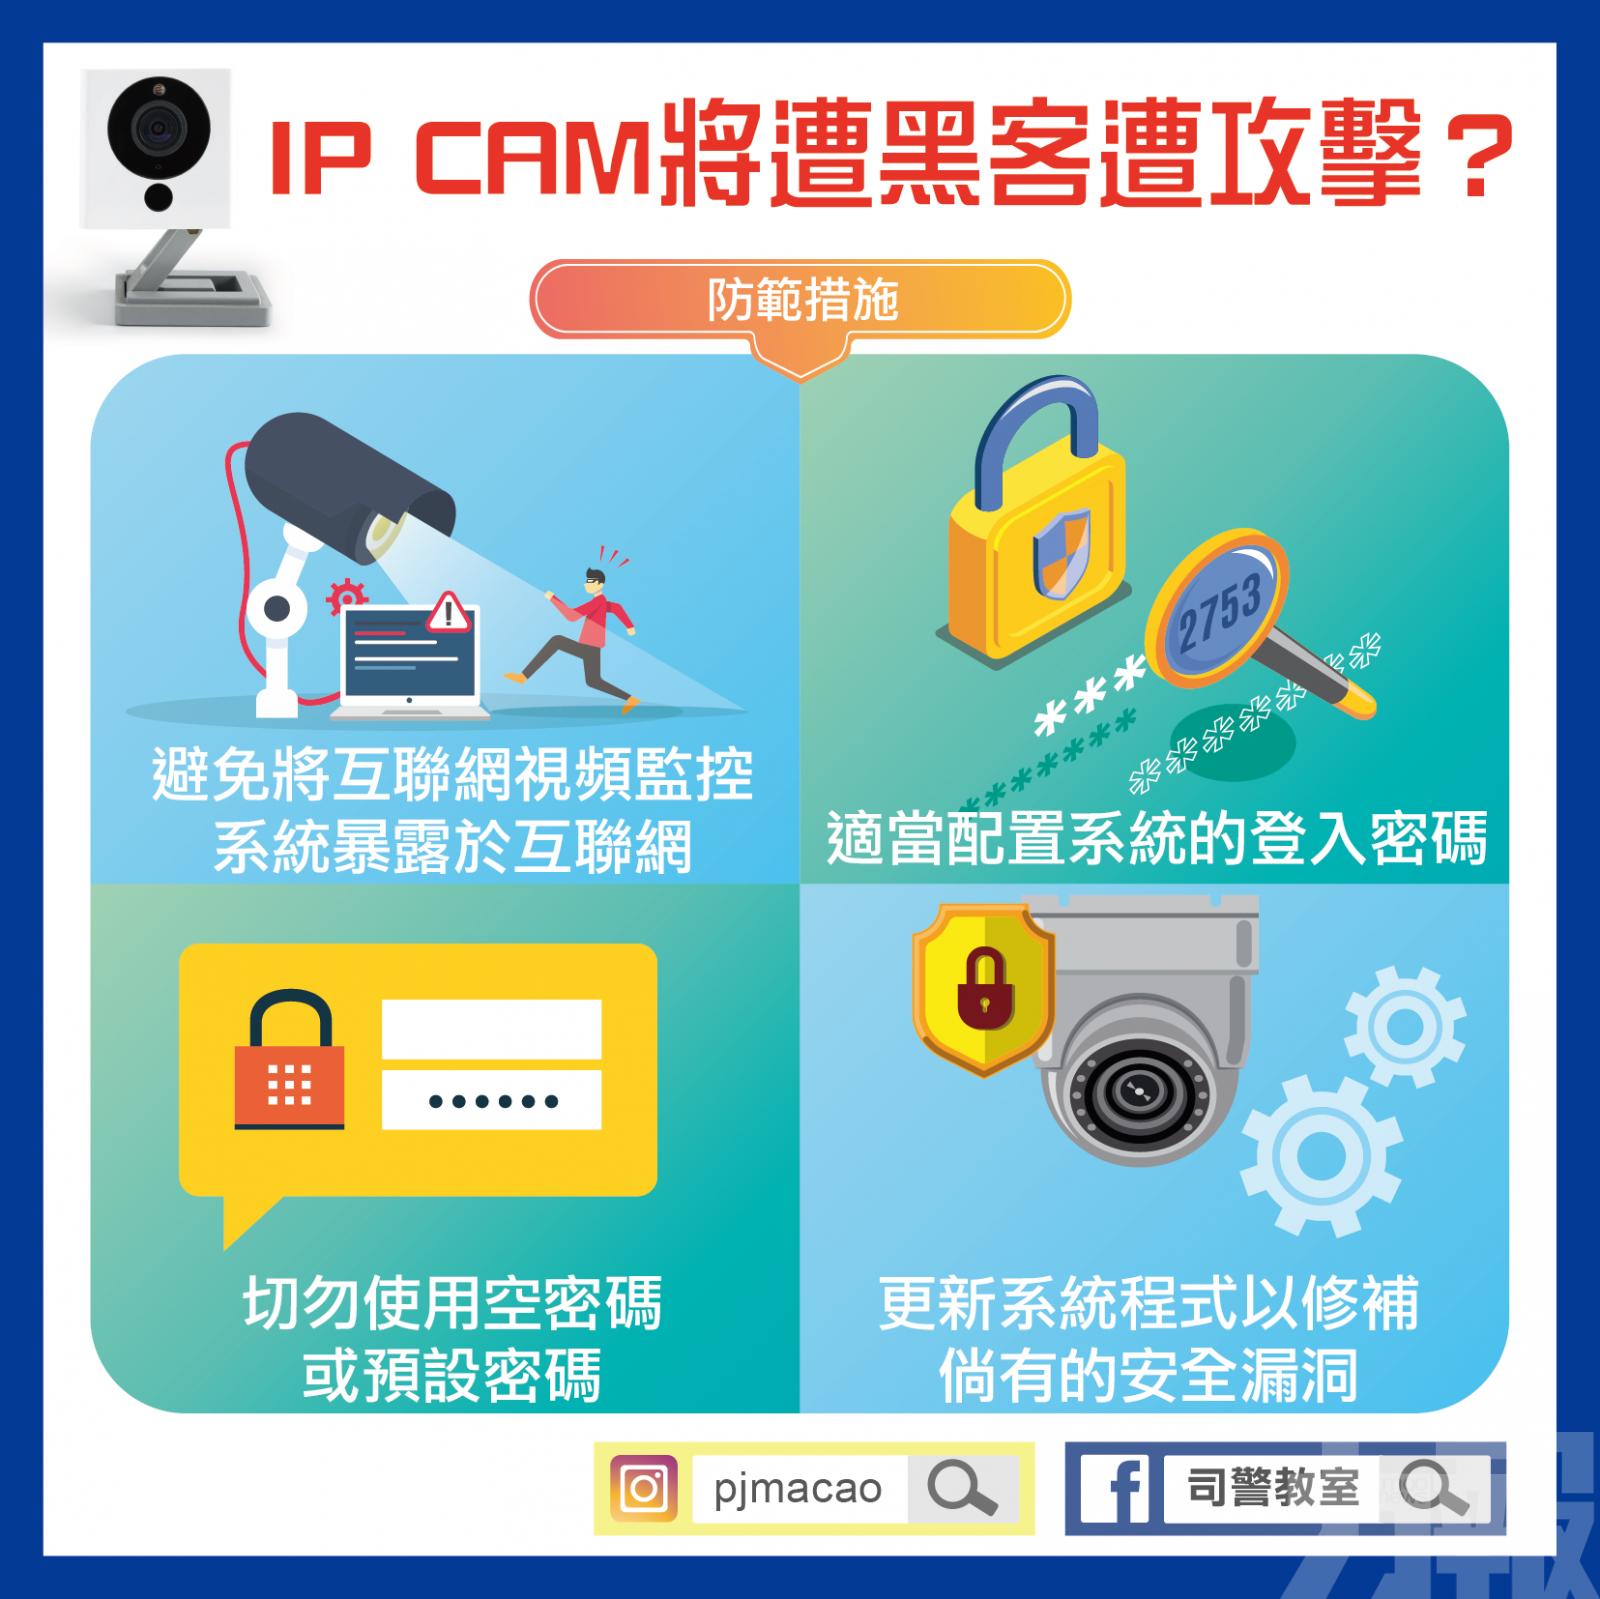 司警籲市民做好網絡安全措施